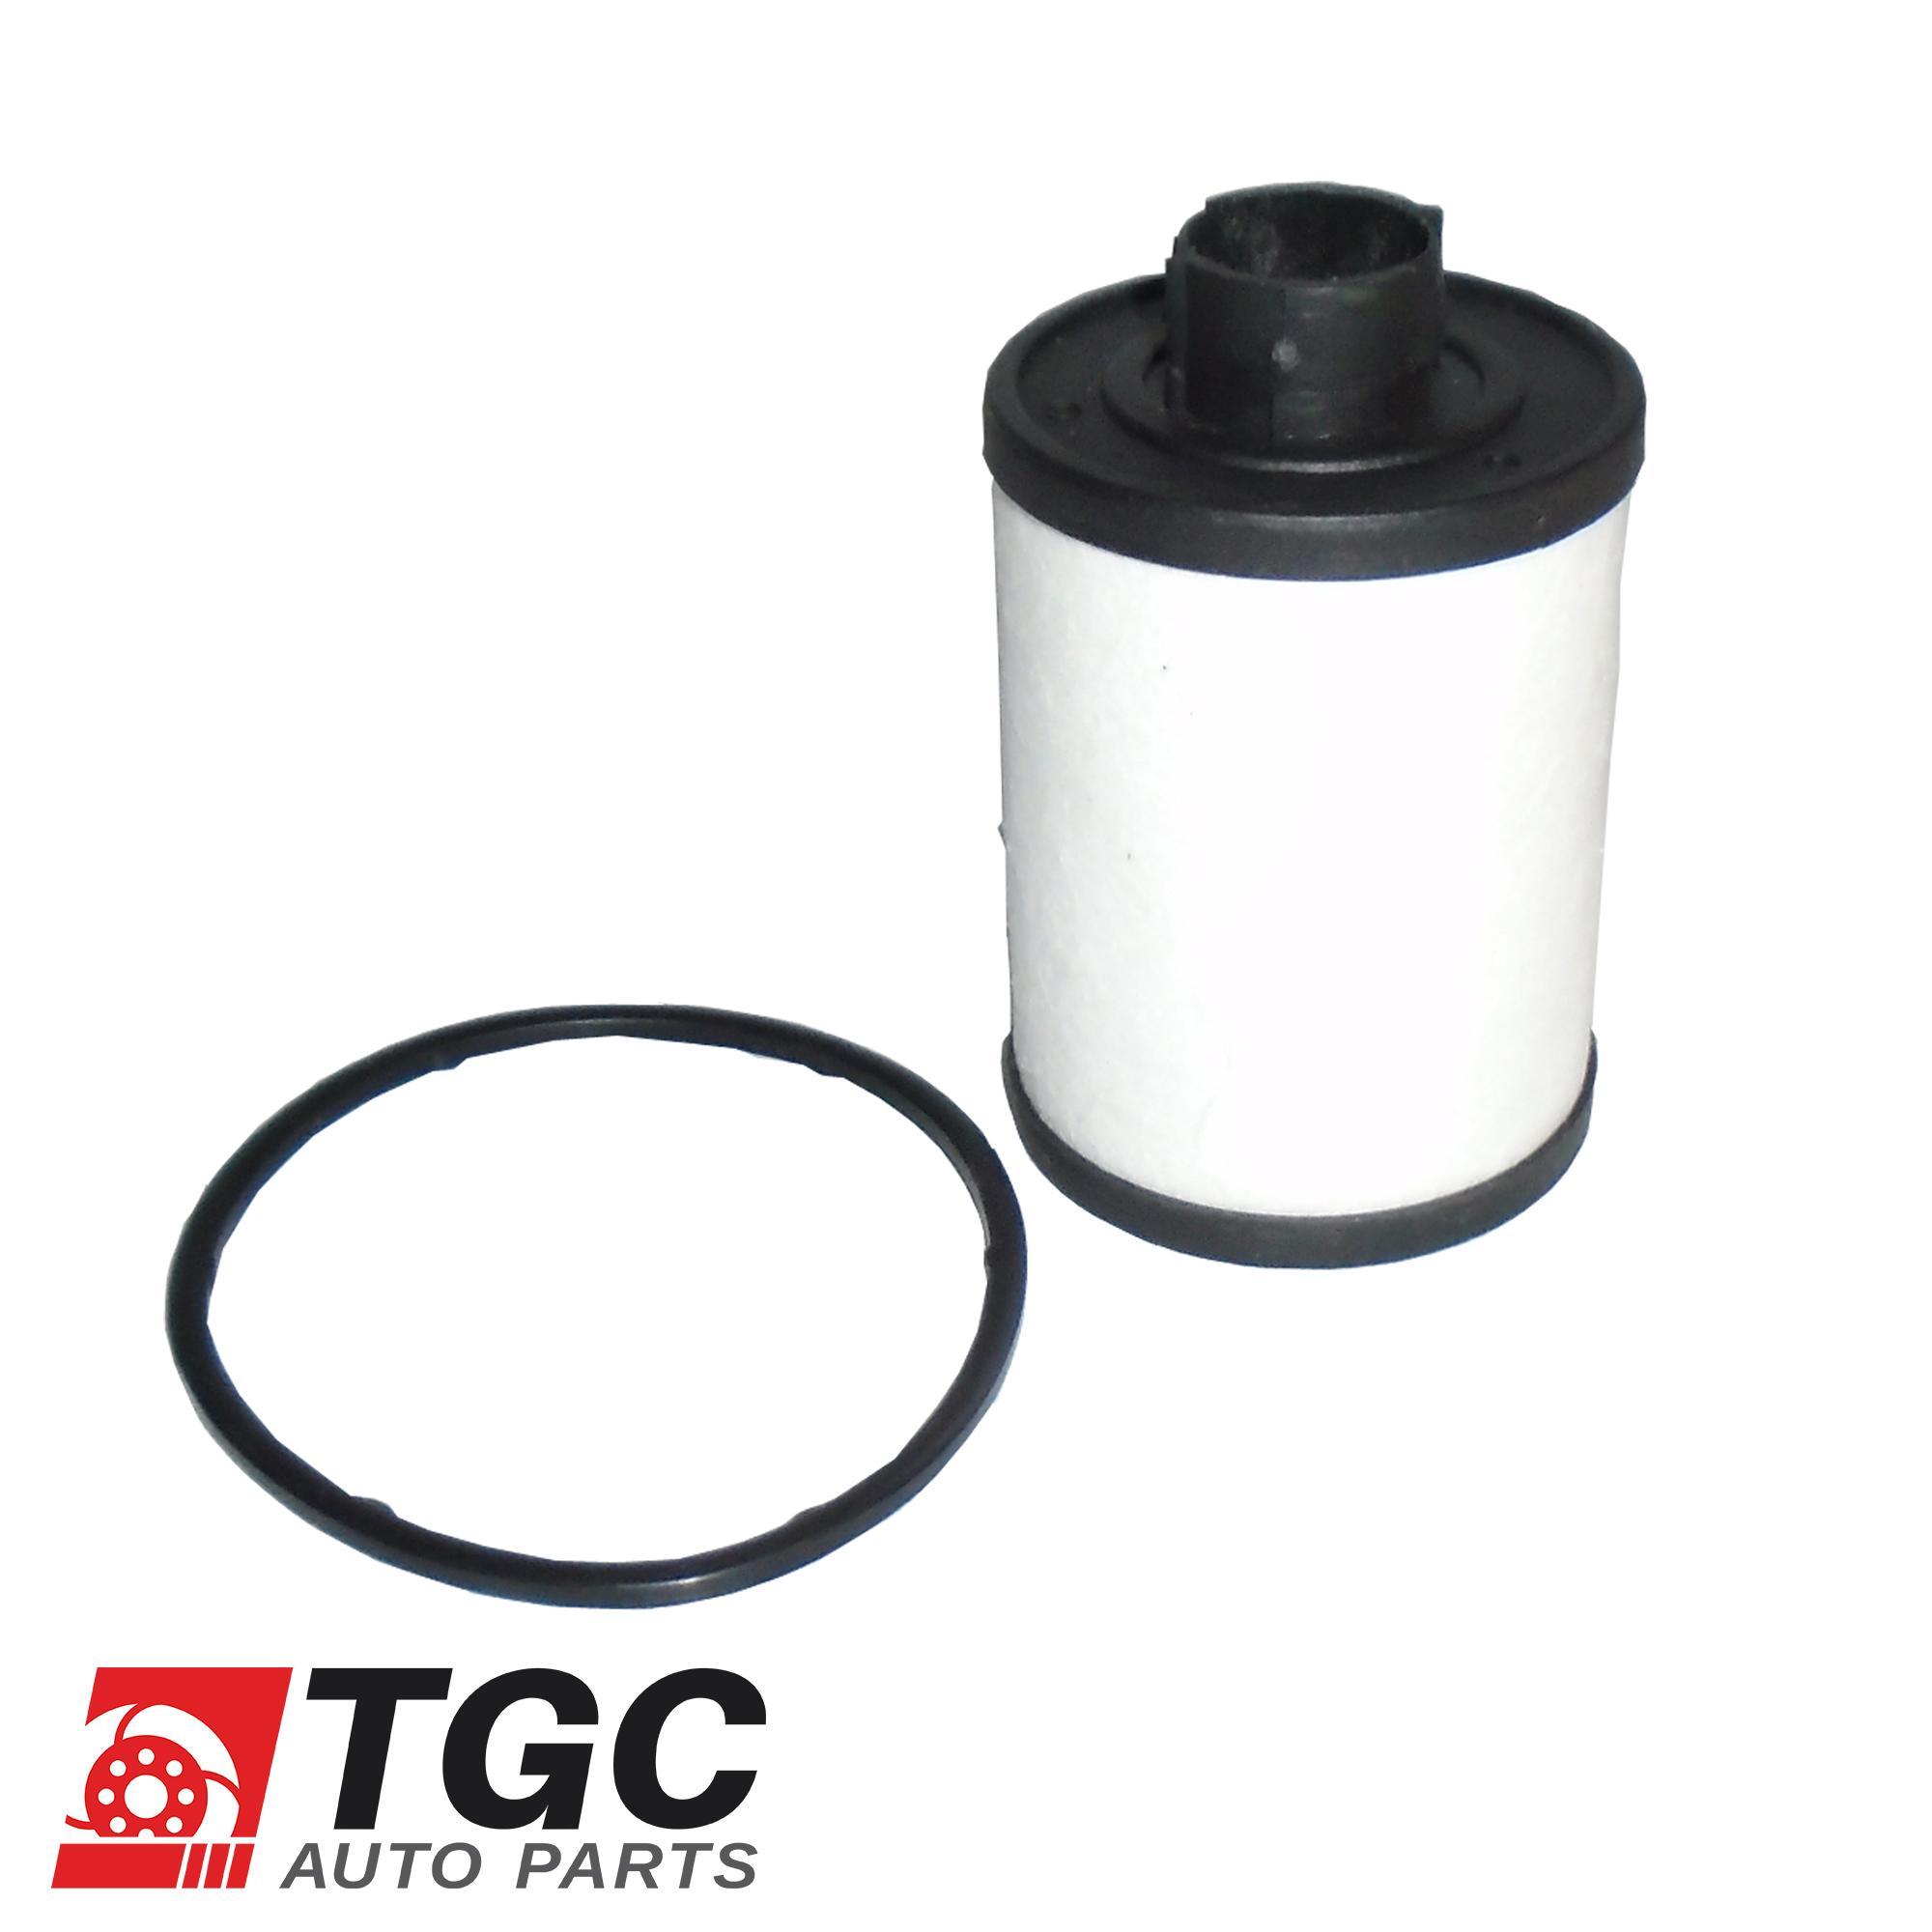 hight resolution of fleetmax fuel filter ffs 1707 for chevrolet captiva dsl 2007 2013